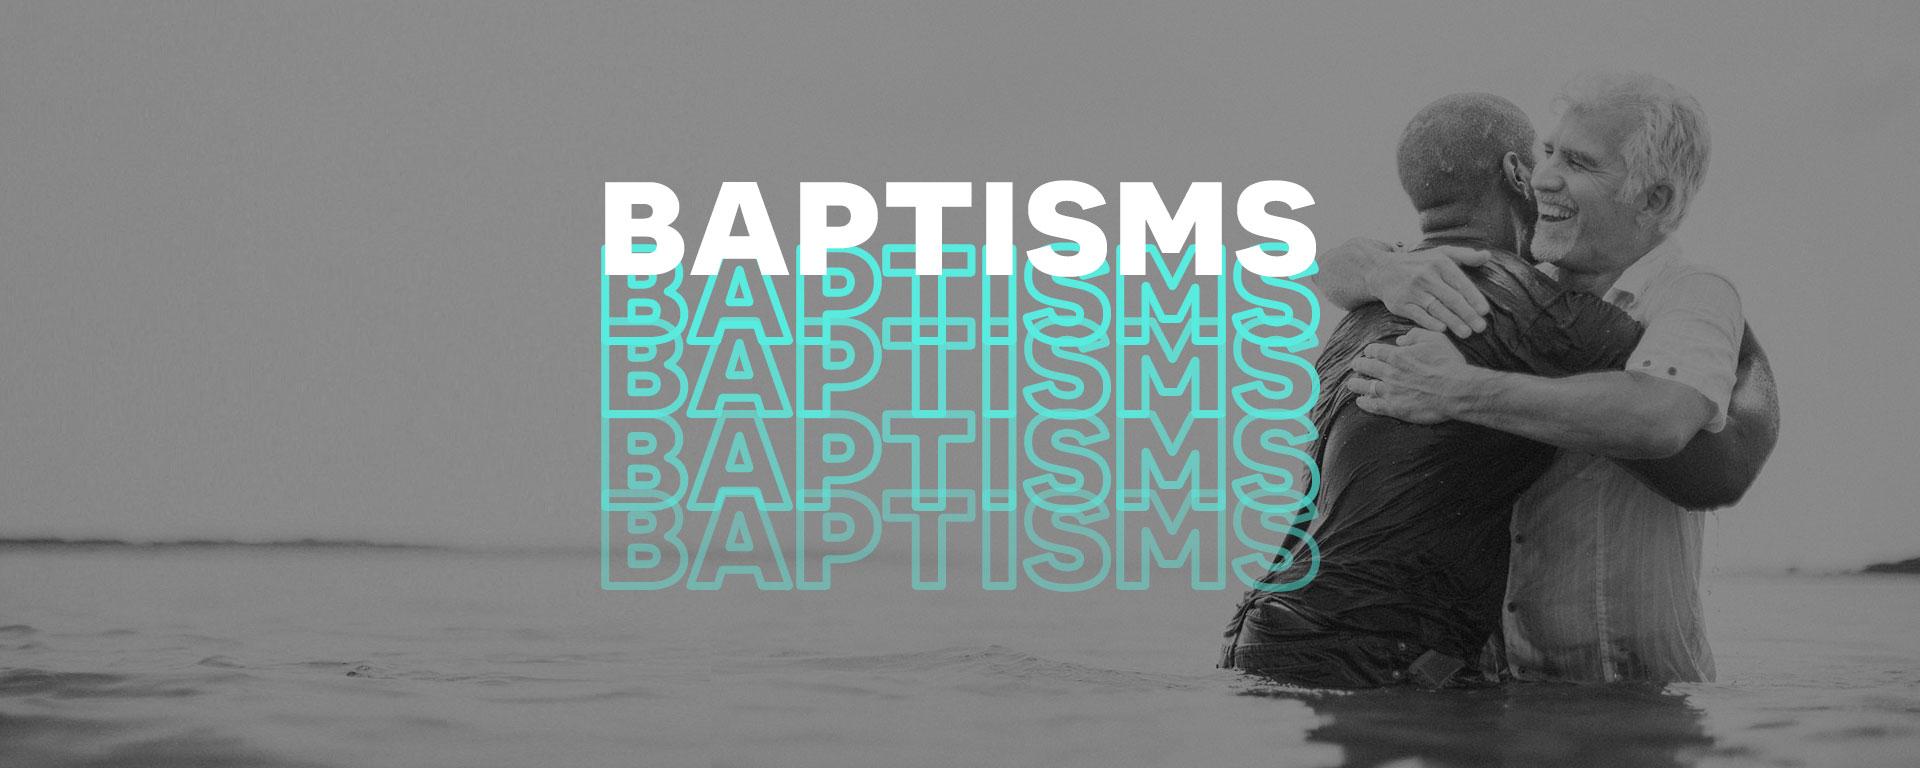 baptism-slider-1920.jpg